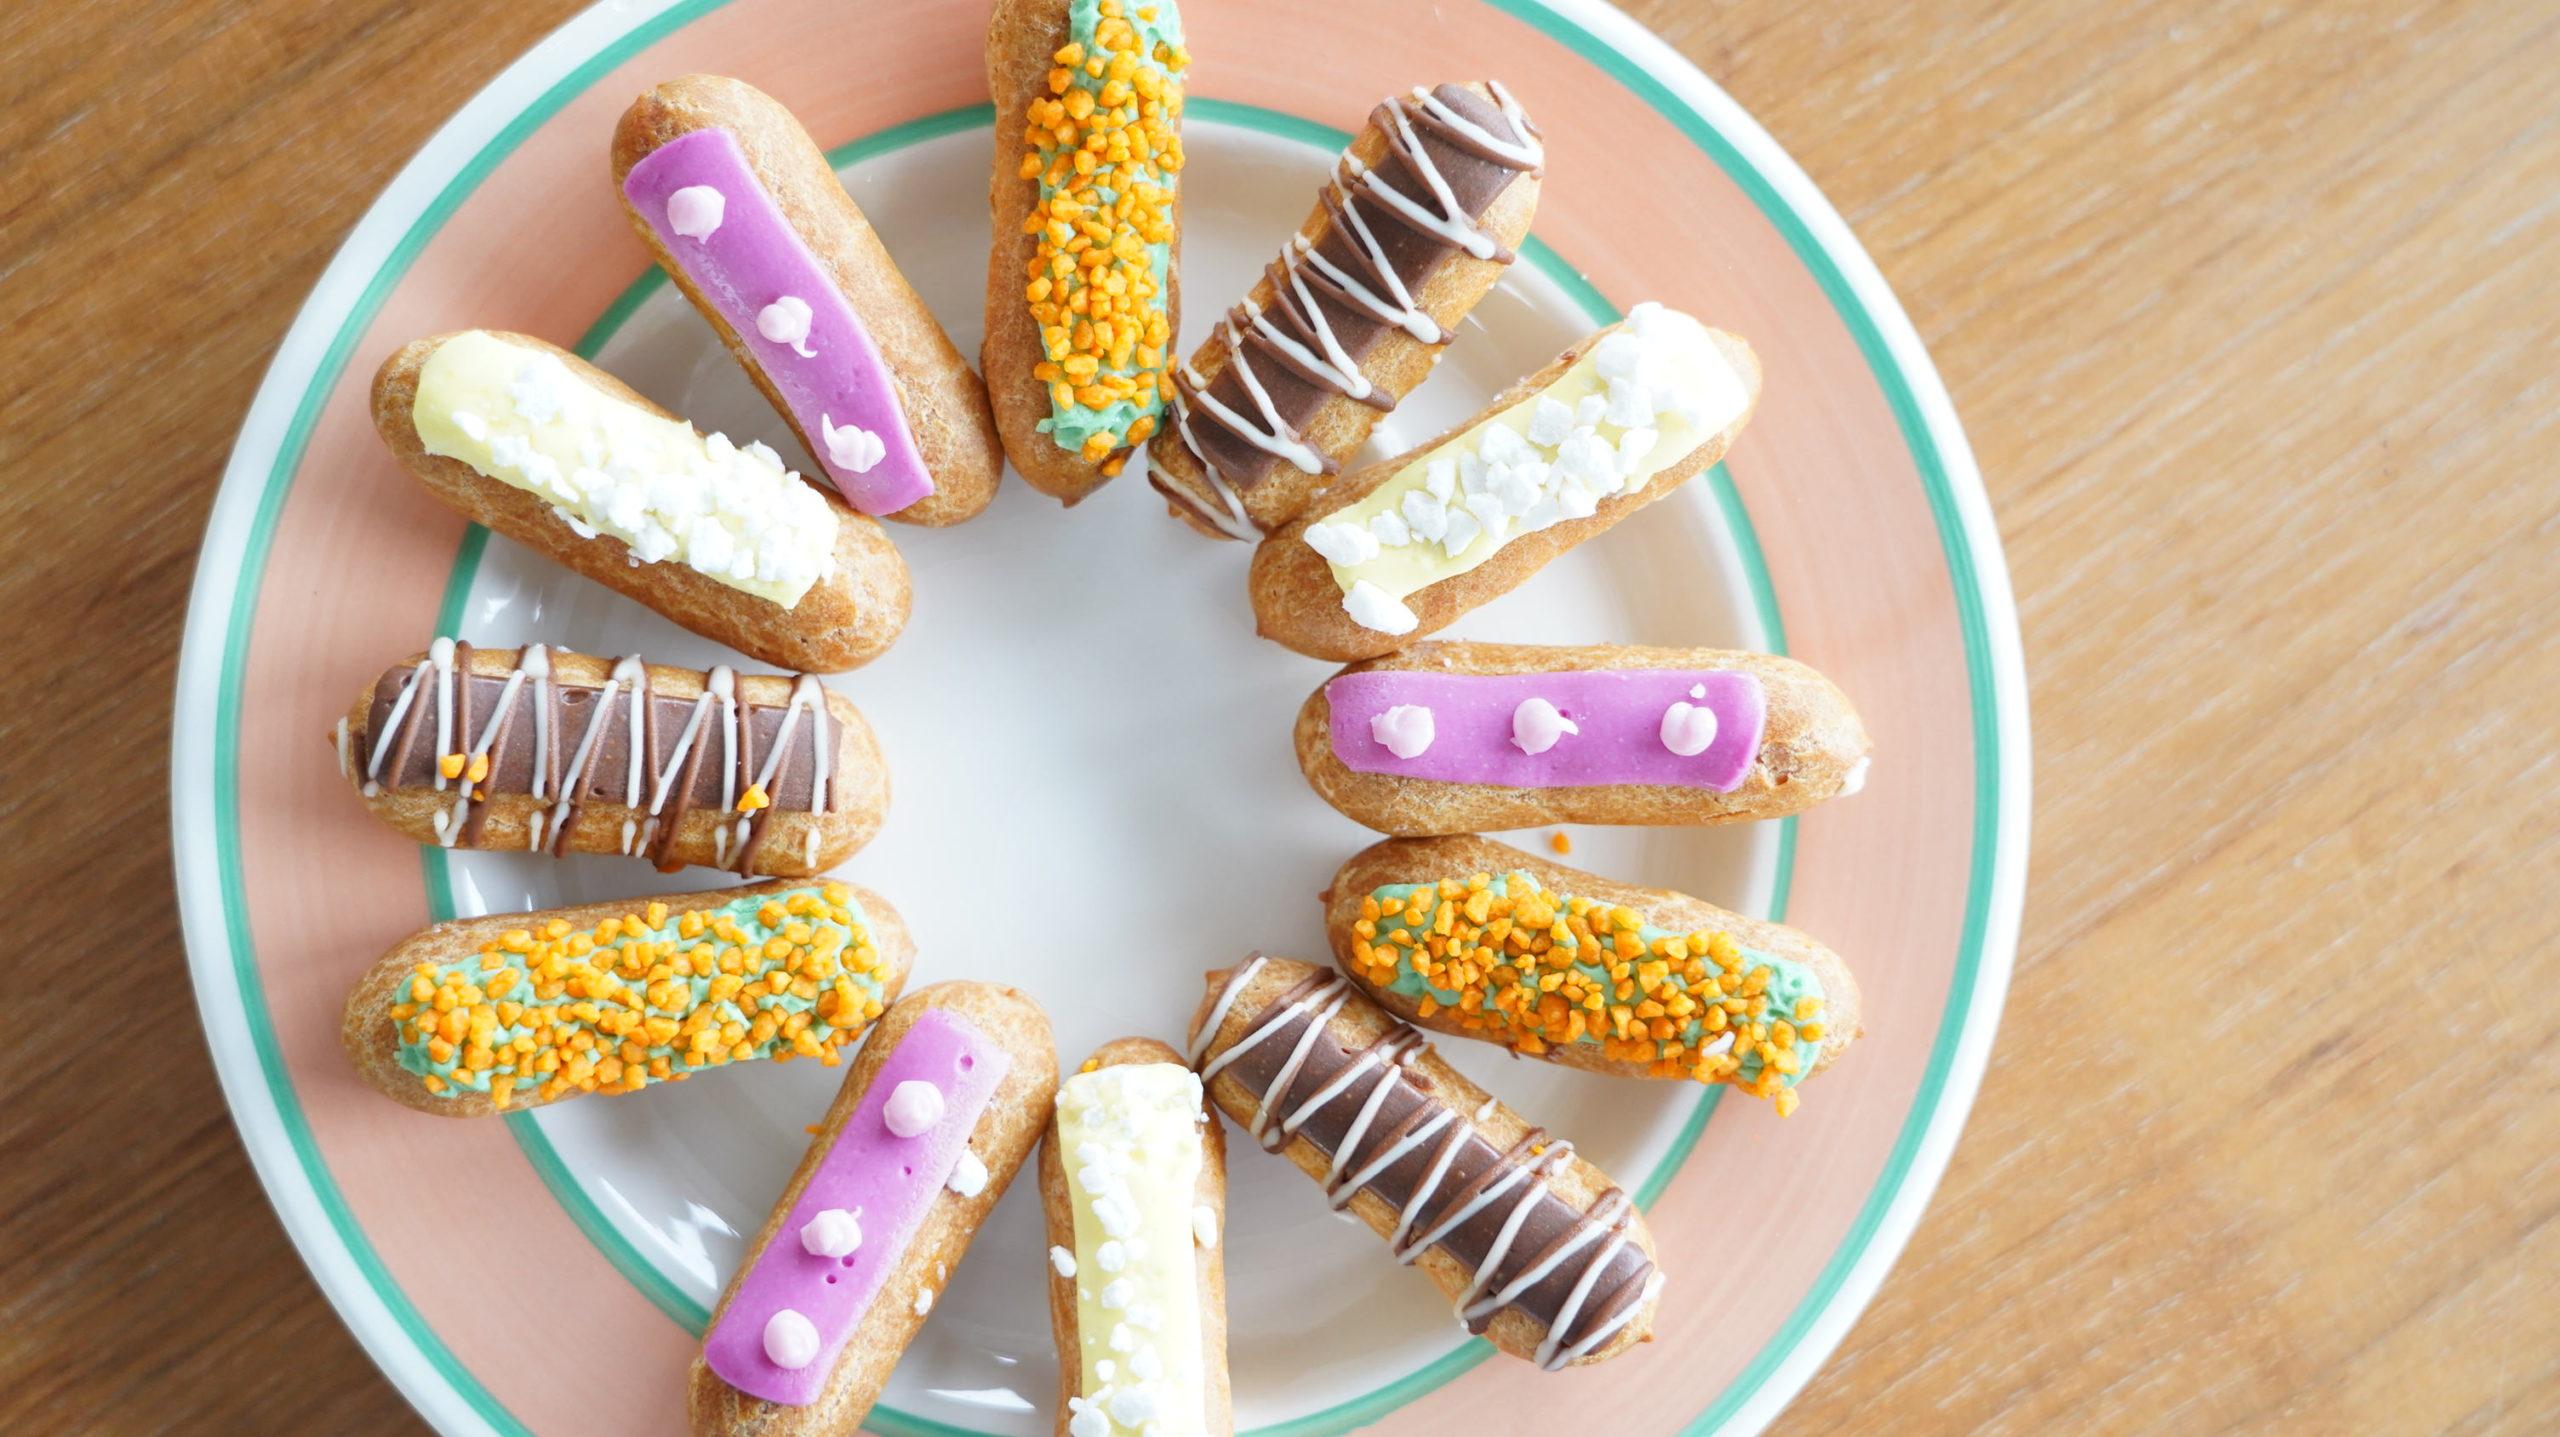 ピカールのおすすめ冷凍食品「食いしん坊のミニエクレア」を可愛く並べた写真